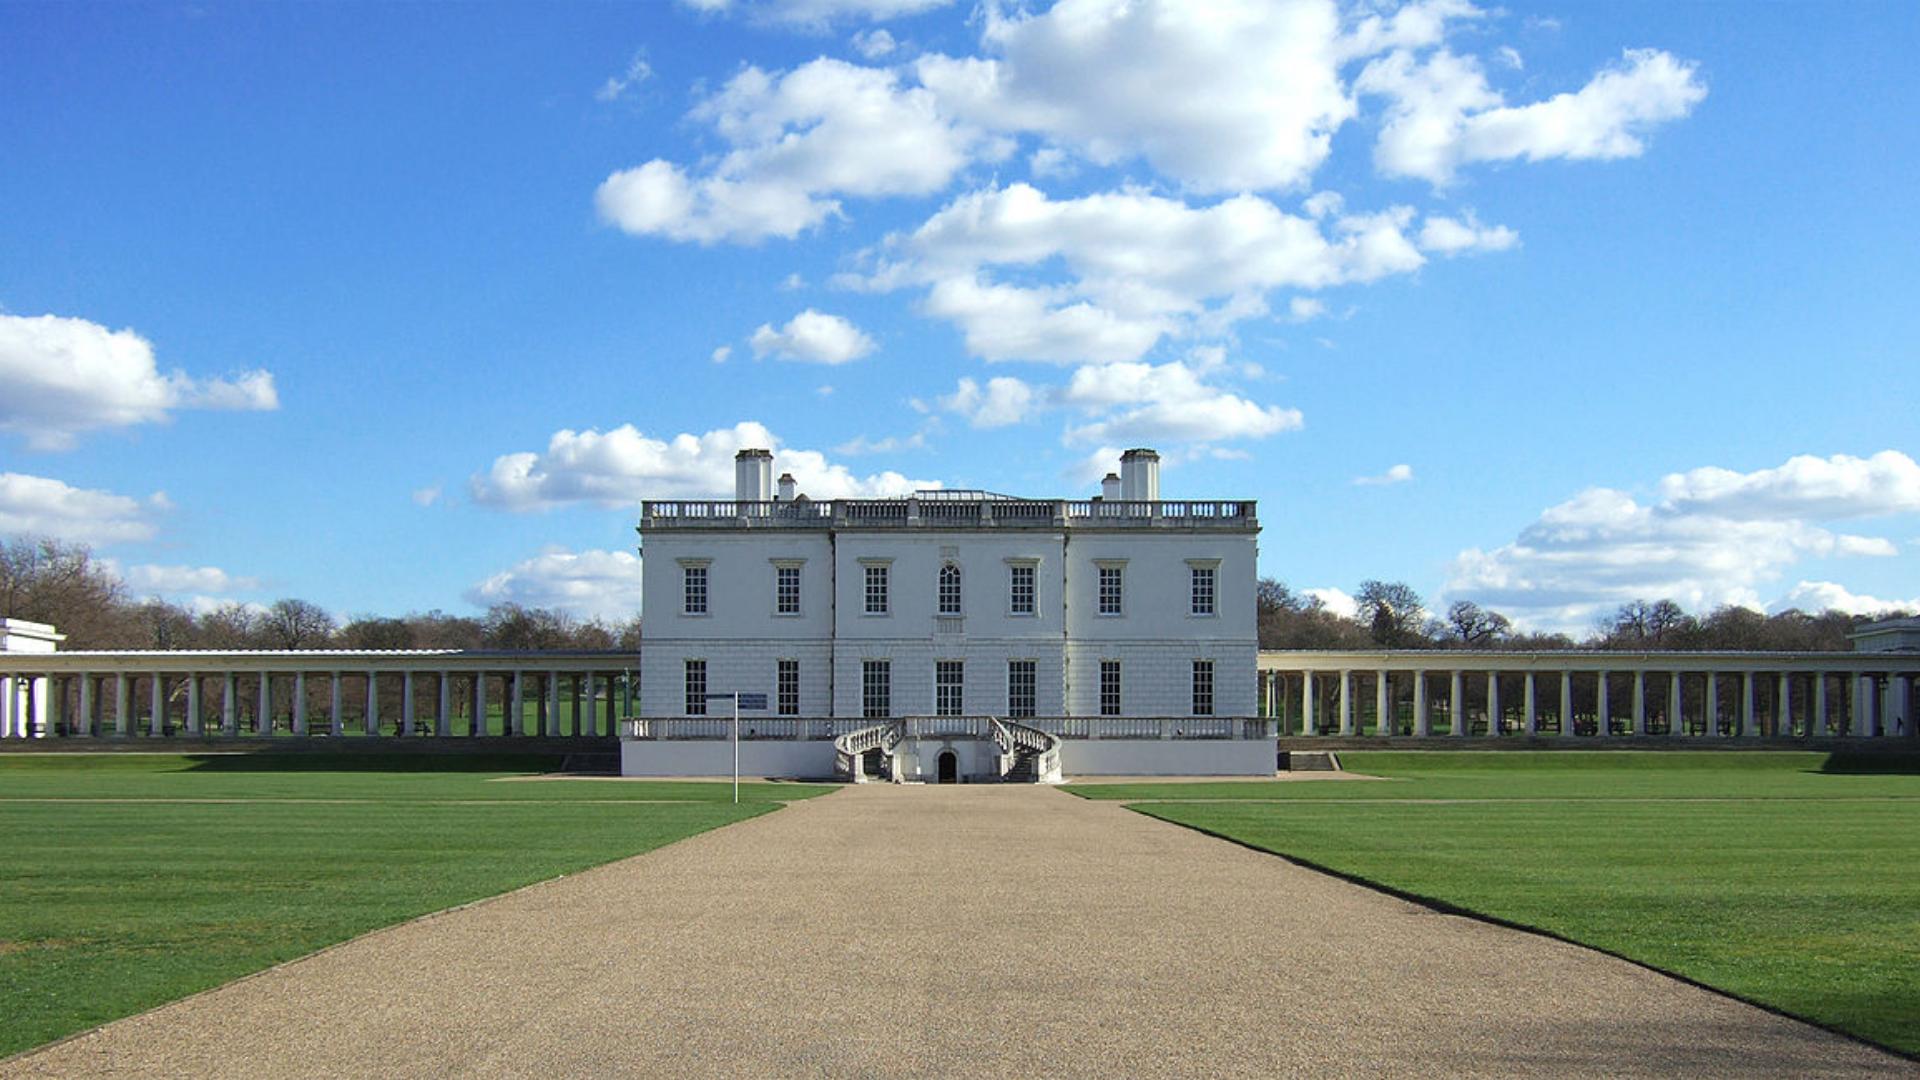 London Queens House w głębi kadru, do którego prowadzi aleja, o lewej i prawej trawniki, błękitne niebo